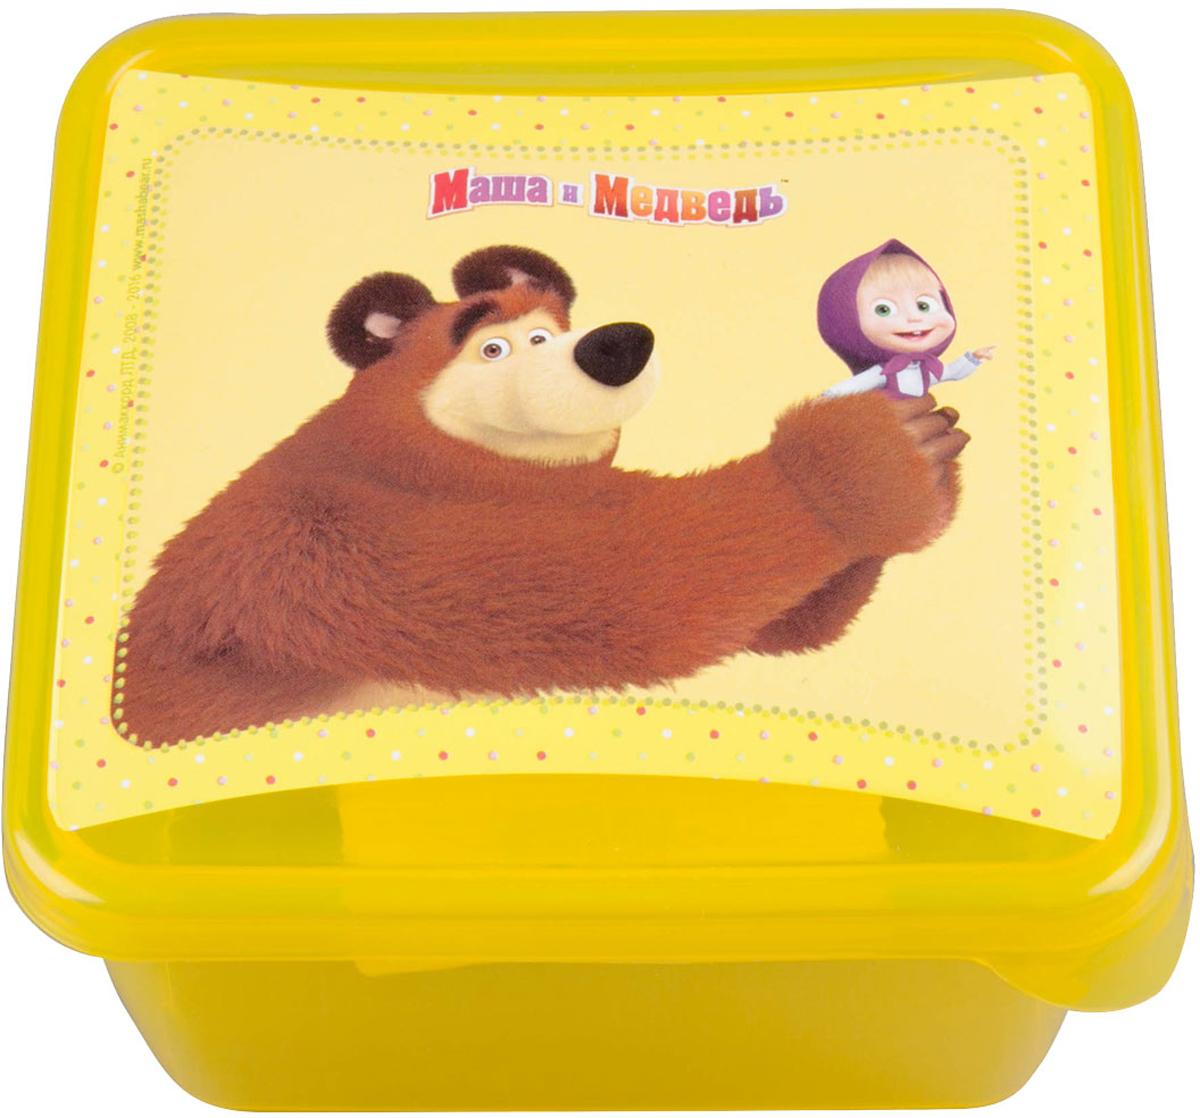 Емкость для хранения Маша и Медведь Mini, цвет: желтый, 450 млмим-0616008Емкость изготовленна из пищевого пластика, подходит как для хранения пищи, так и для хранения игрушек и любых небольших предметов. Идеальна для школьных завтраков. Ее можно мыть в посудомоечной машине. В ней можно замораживать ягоды и фрукты, так как емкость выдерживает минусовые температуры.